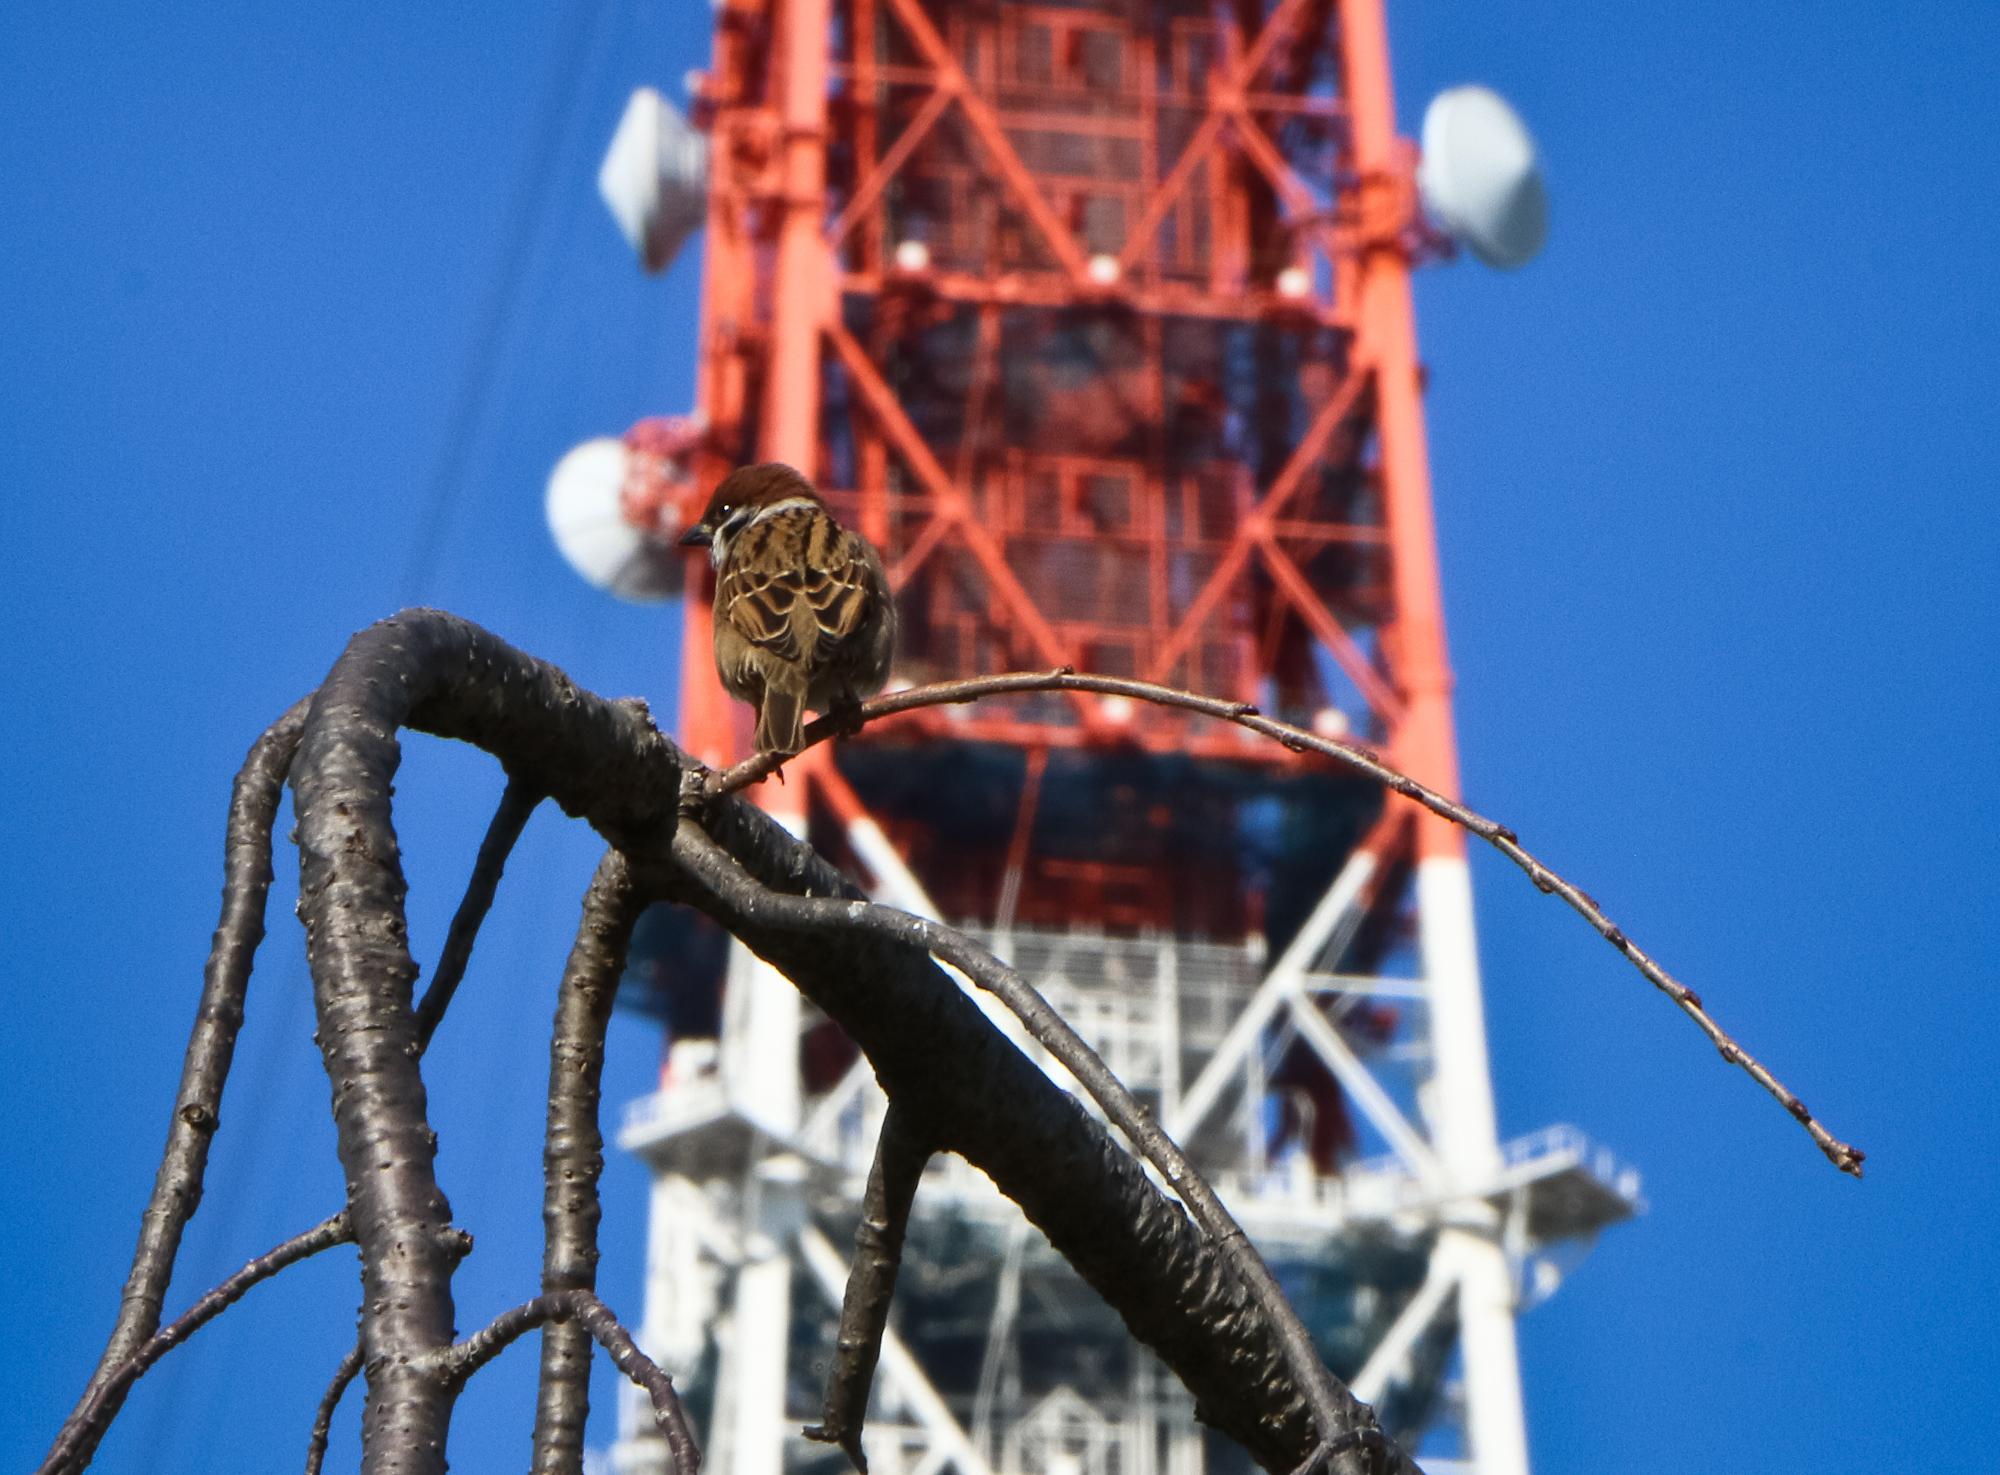 Shibakoen. Tokyo Tower.